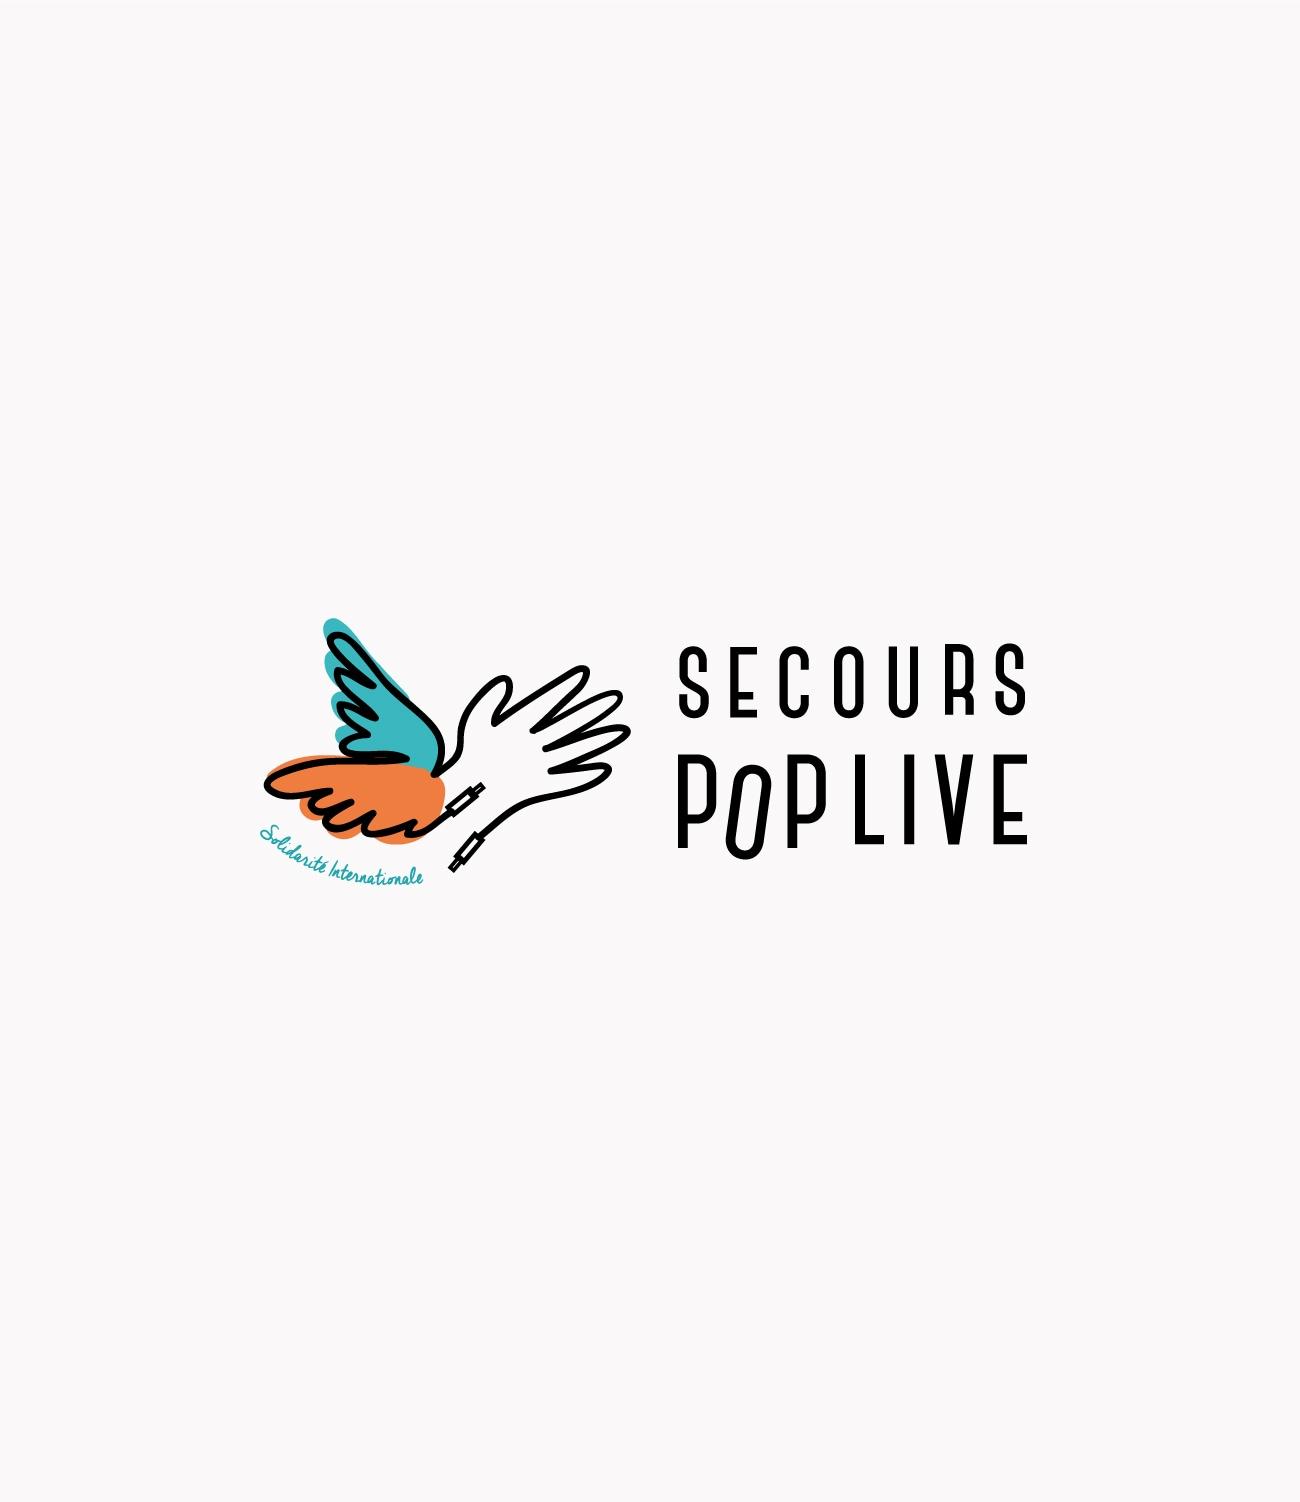 secours-populaire-paris-directrice-artistique-malvina-alves